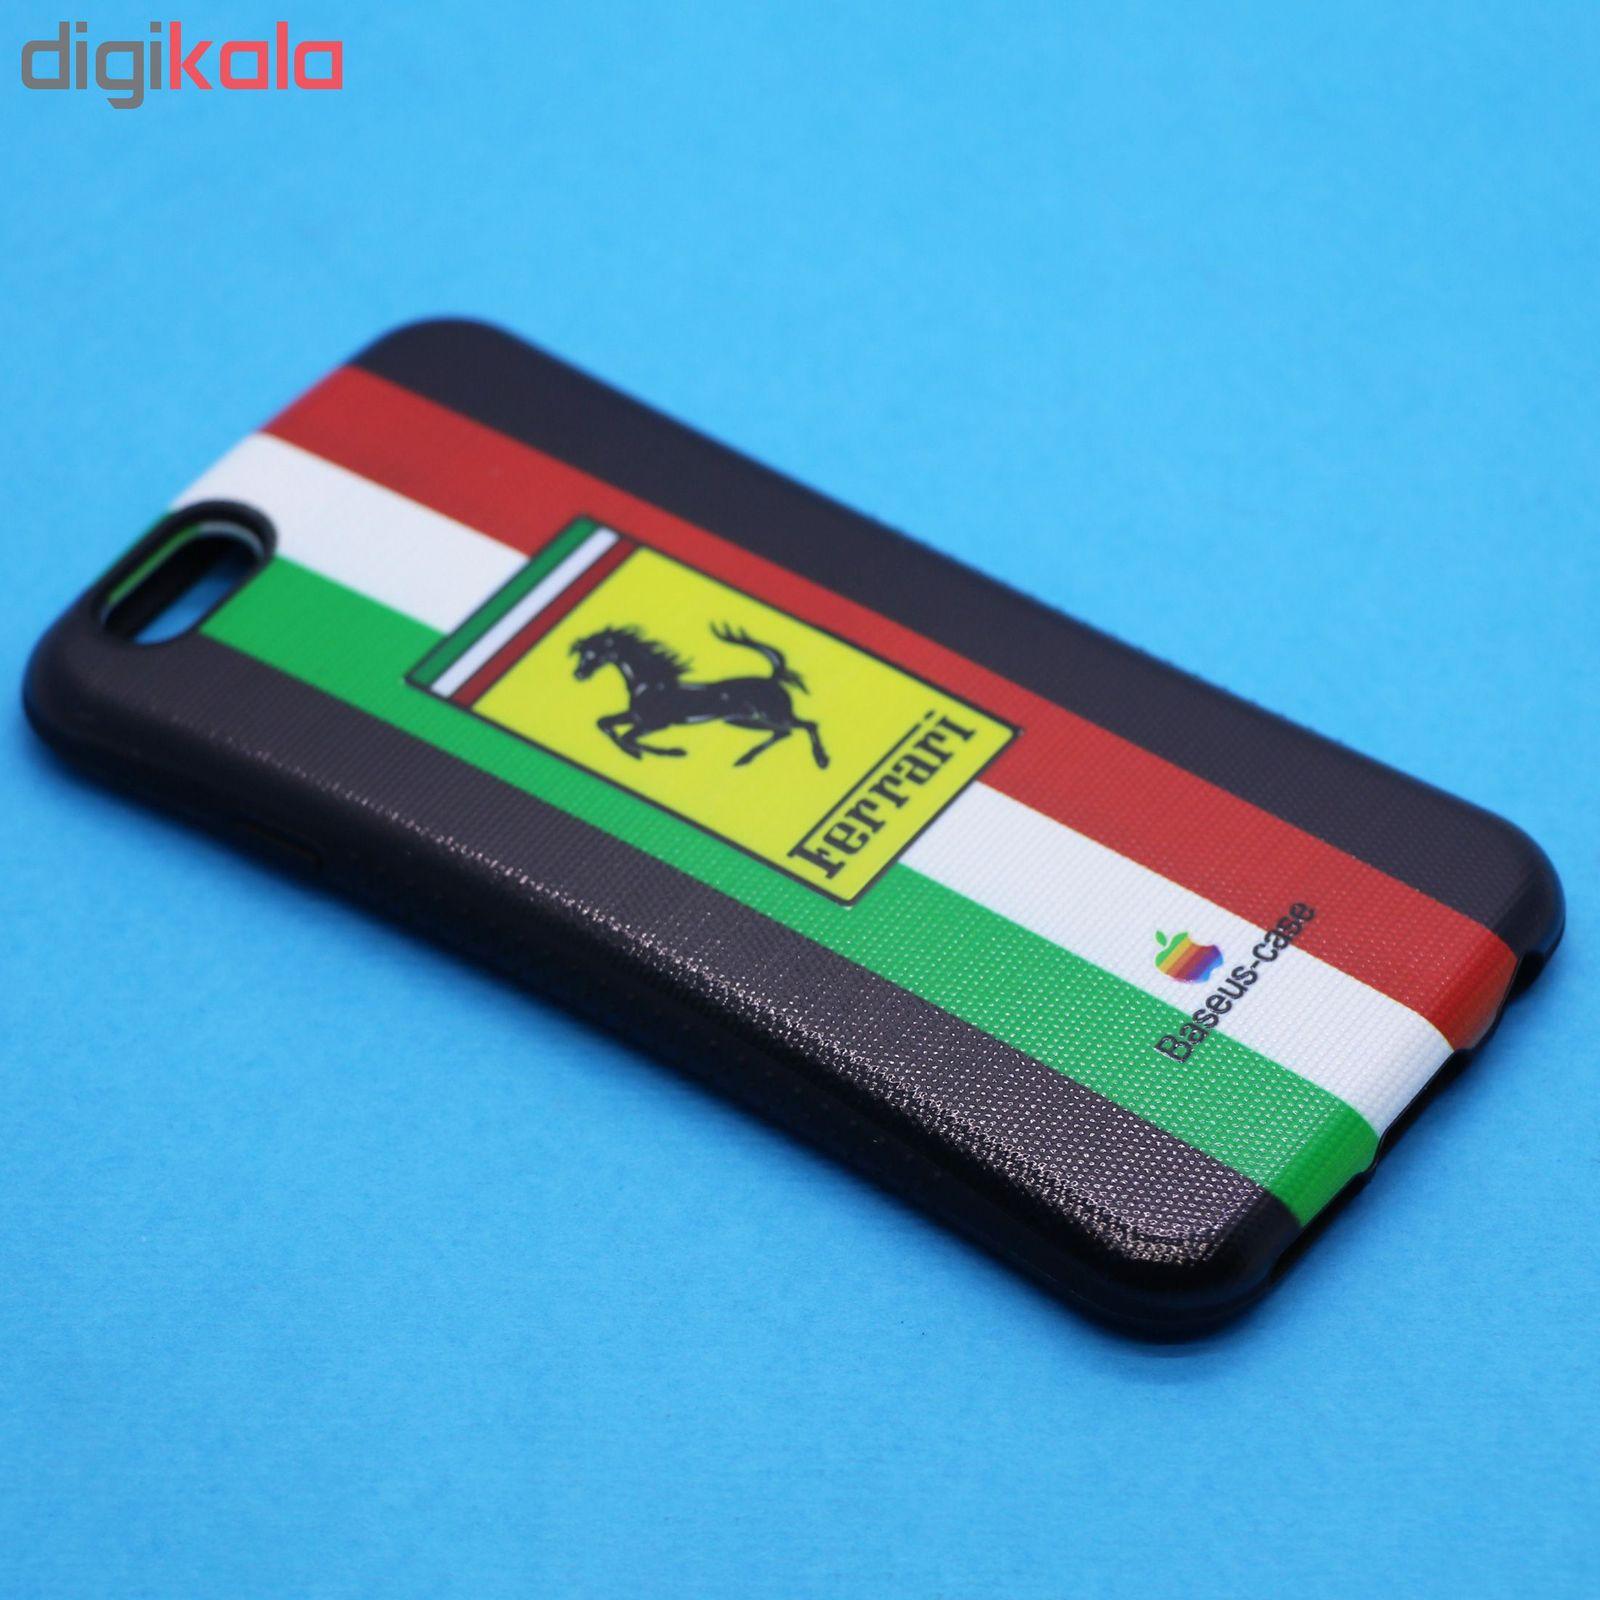 کاور مدل Xz-01 مناسب برای گوشی موبایل اپل Iphone 6 / 6S main 1 2